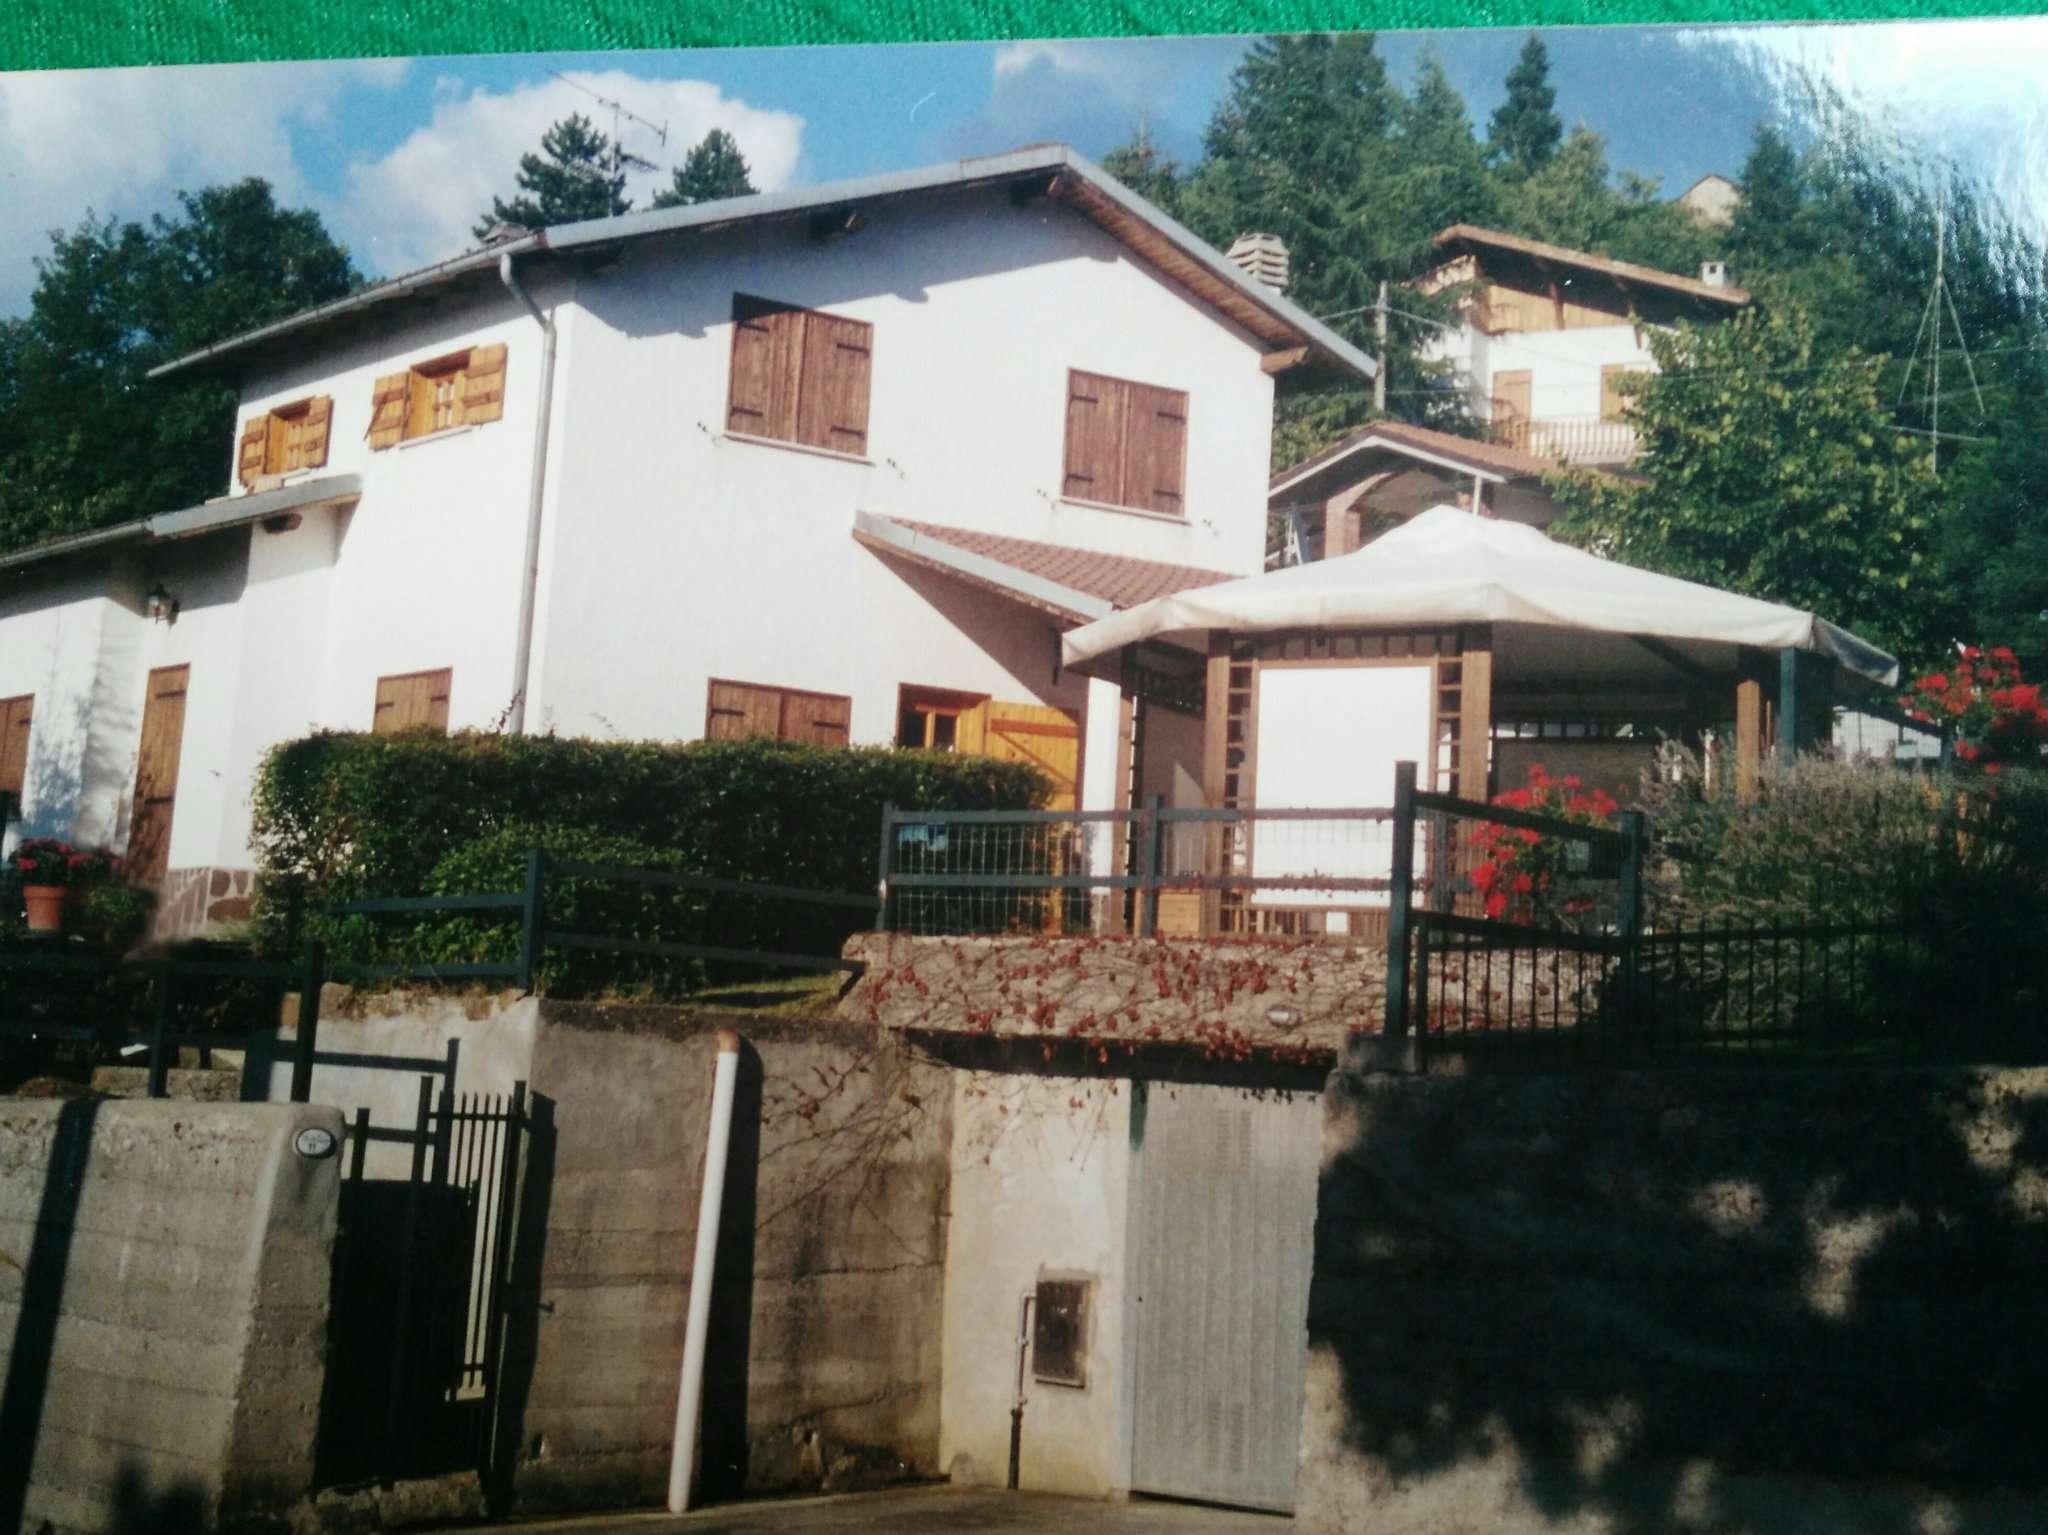 Soluzione Indipendente in vendita a Cantalupo Ligure, 7 locali, prezzo € 145.000 | PortaleAgenzieImmobiliari.it